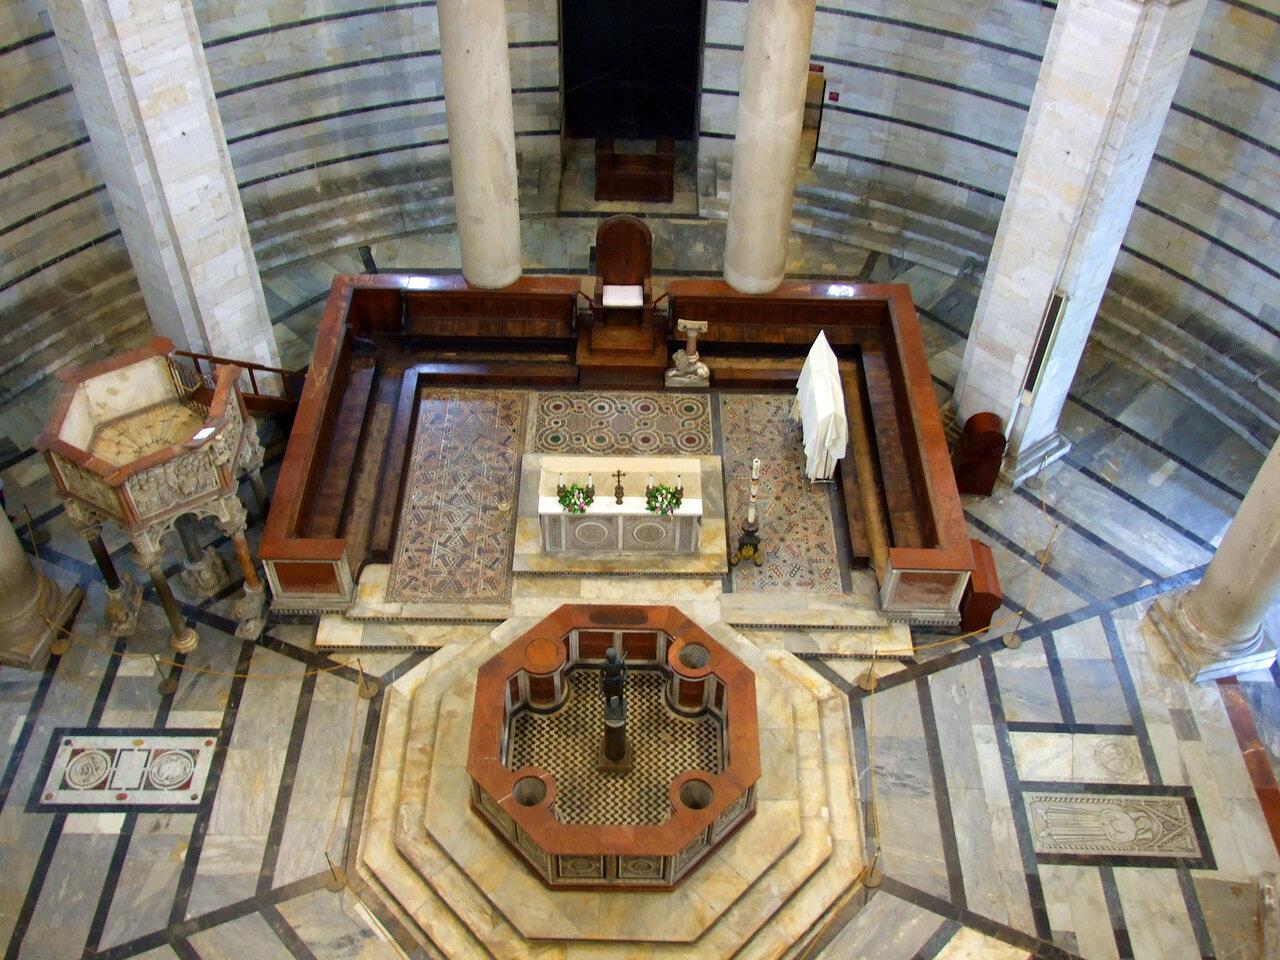 Внутреннее пространство Баптистерия (Battistero di San Giovanni)